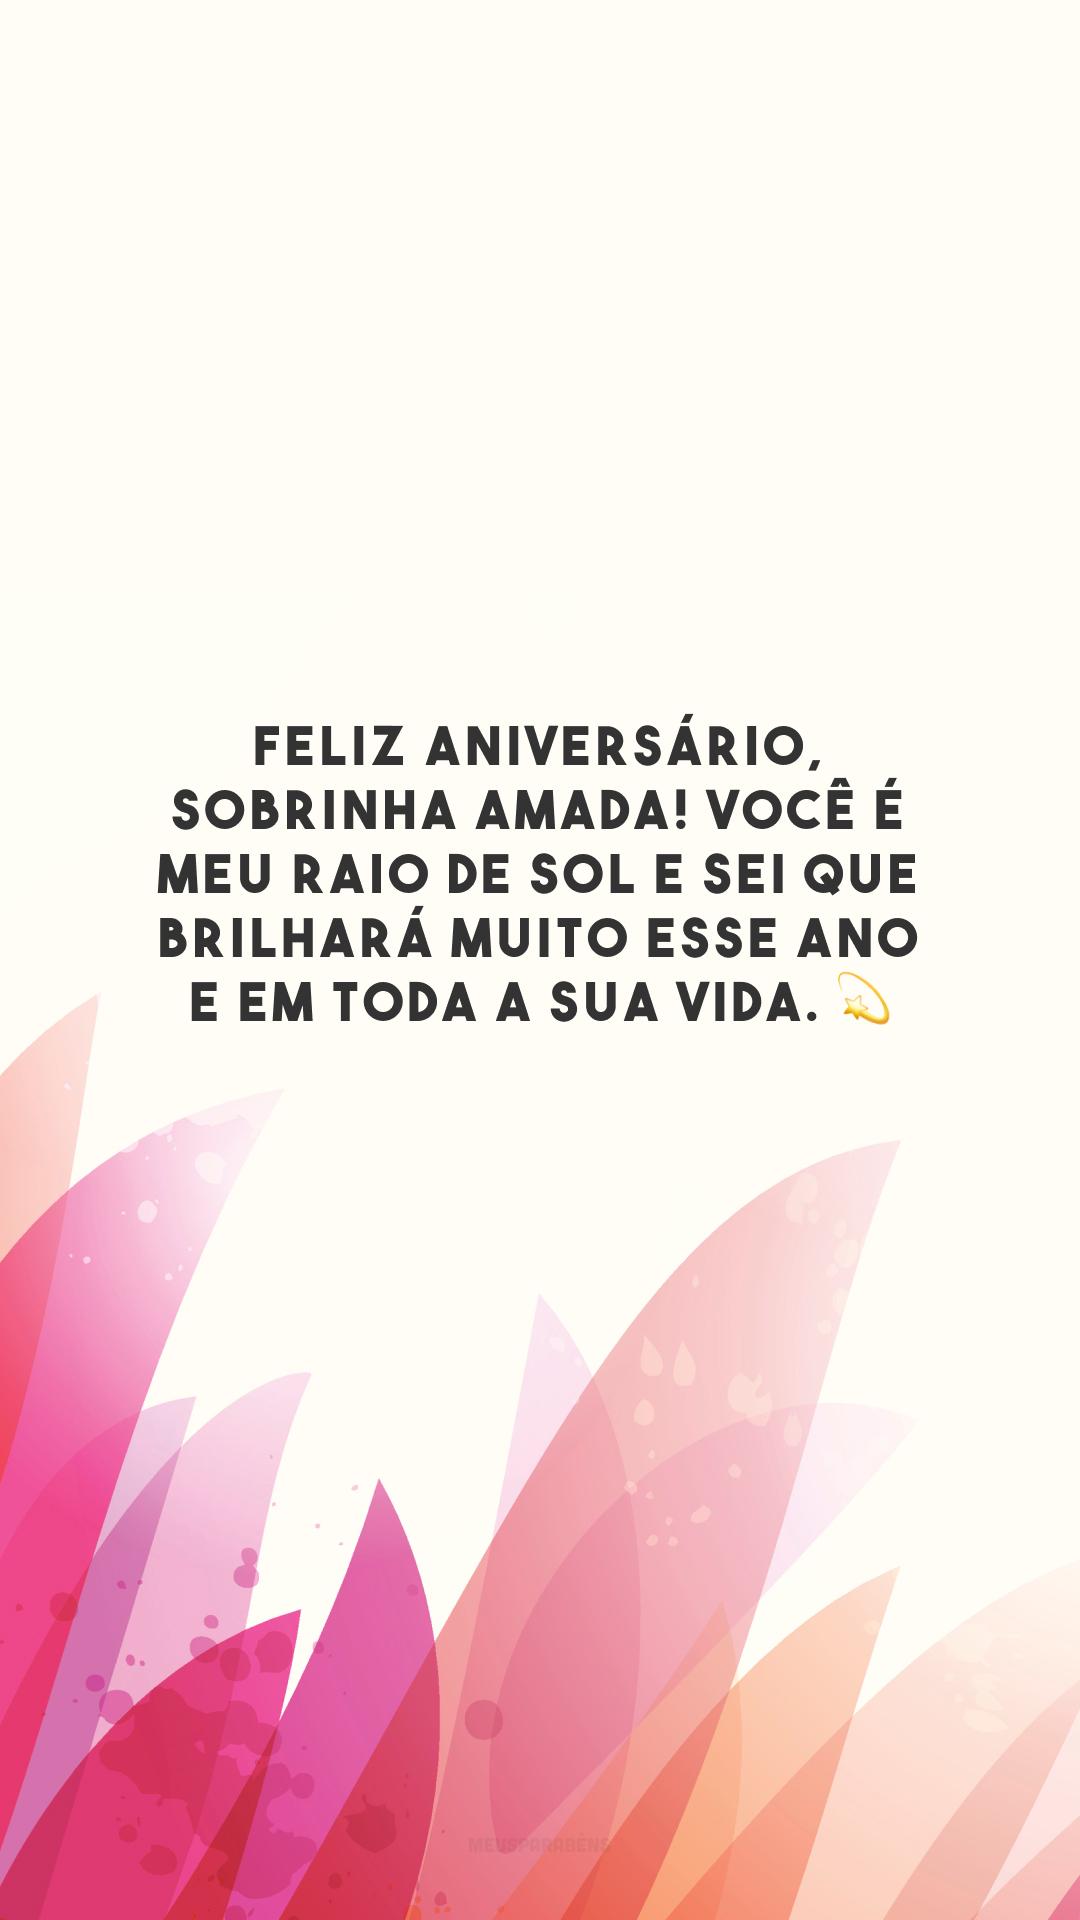 Feliz aniversário, sobrinha amada! Você é meu raio de sol e sei que brilhará muito esse ano e em toda a sua vida. 💫